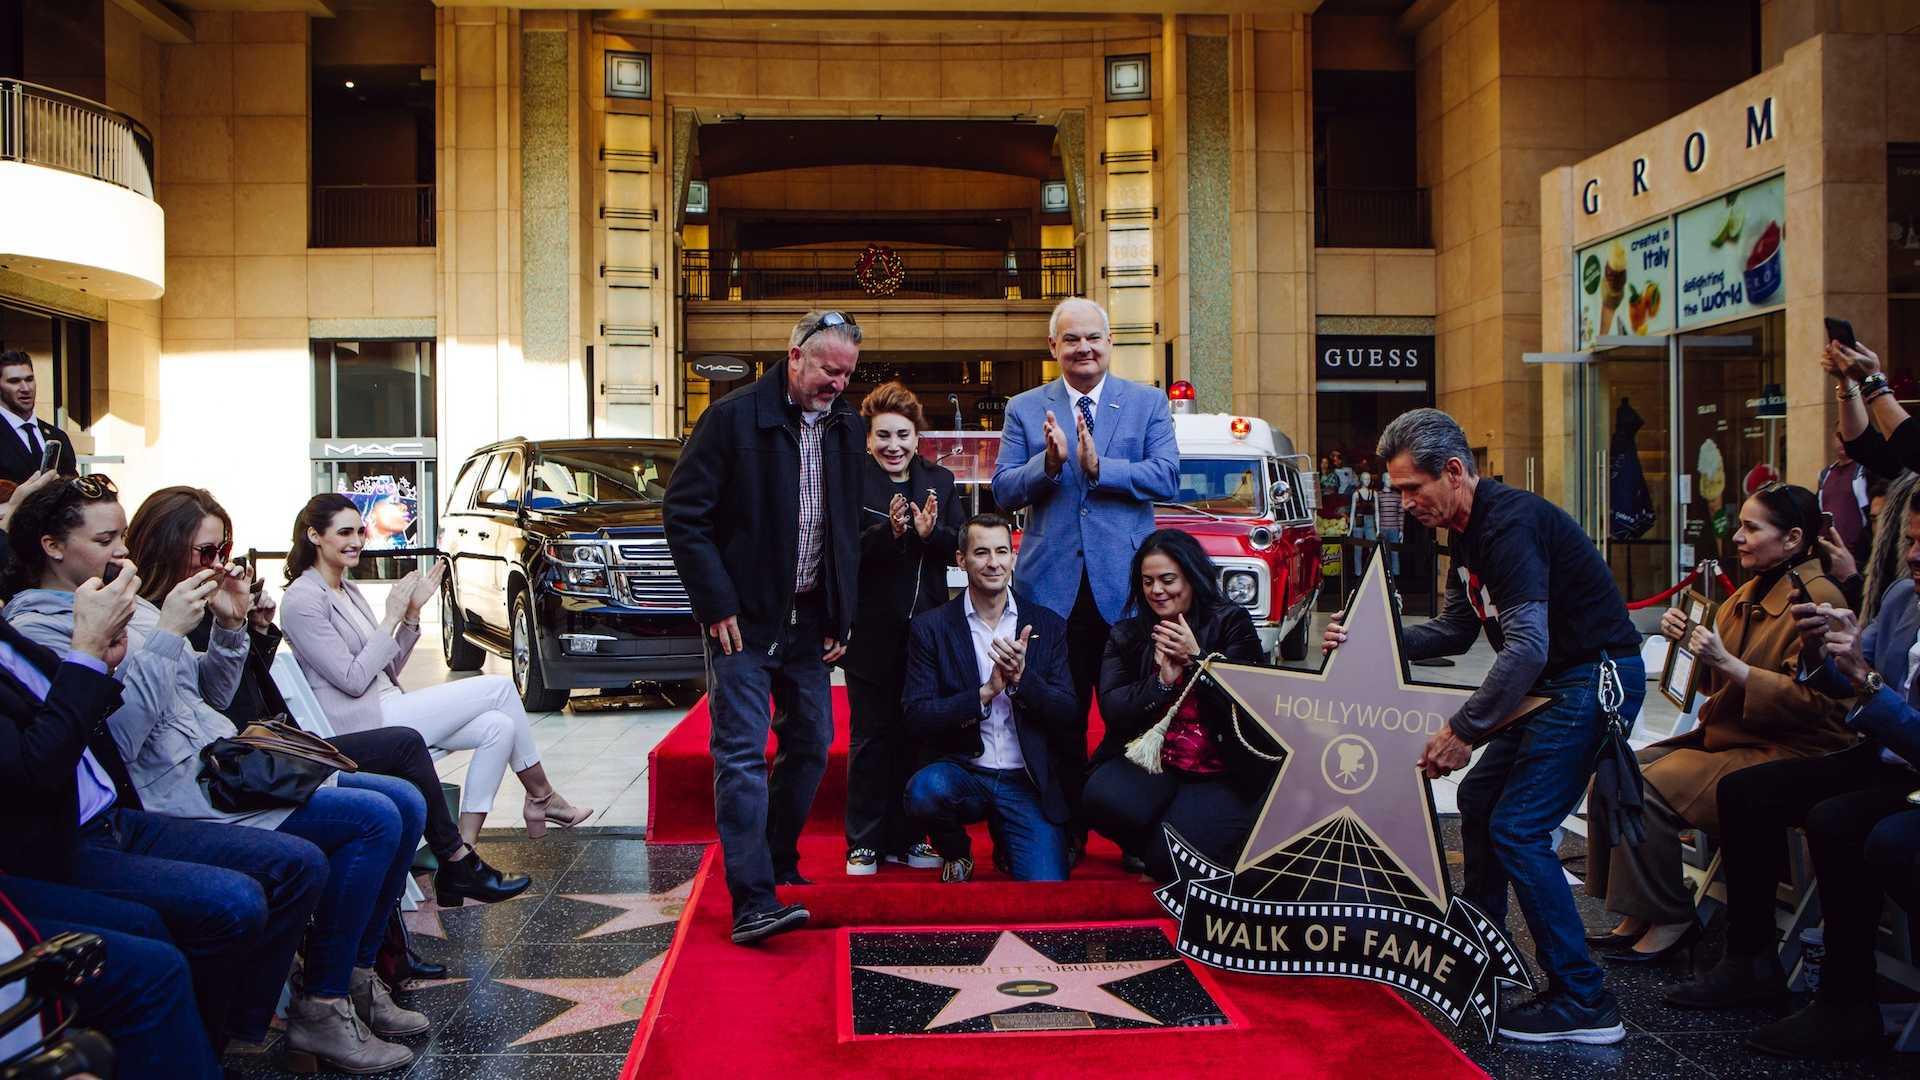 Првиот автомобил со ѕвезда на Холивудската патека на славните / ВИДЕО